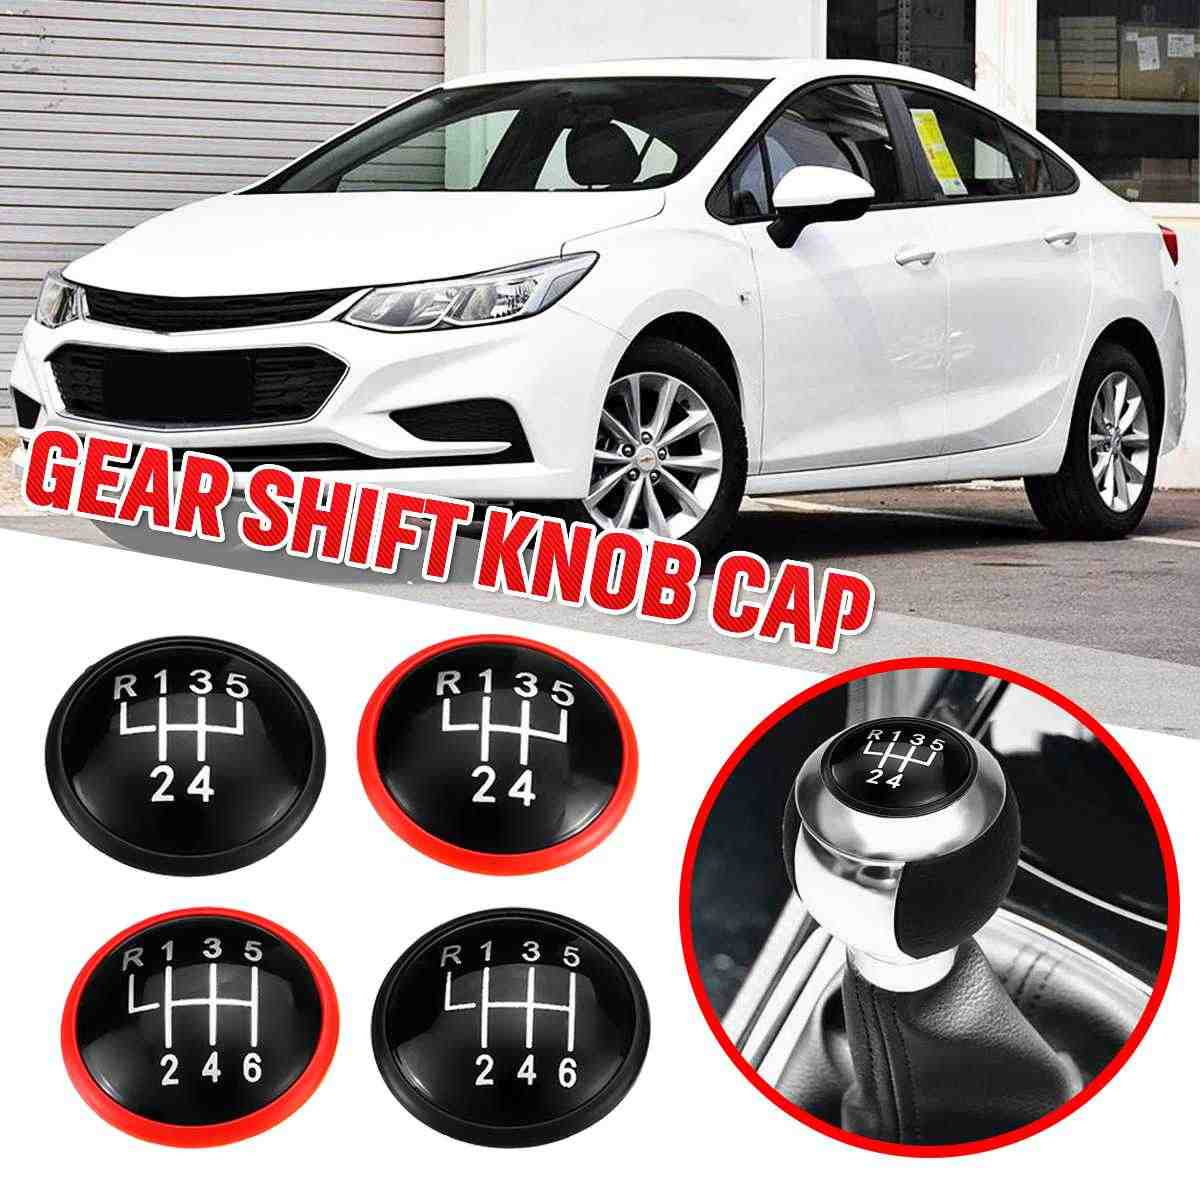 5/6 Speed Pookknop Cap Cover Lever Shifter Knop Top Caps Voor VW MK3 MK4 Golf/Jetta GTI bora voor Seat Ibiza Caddy